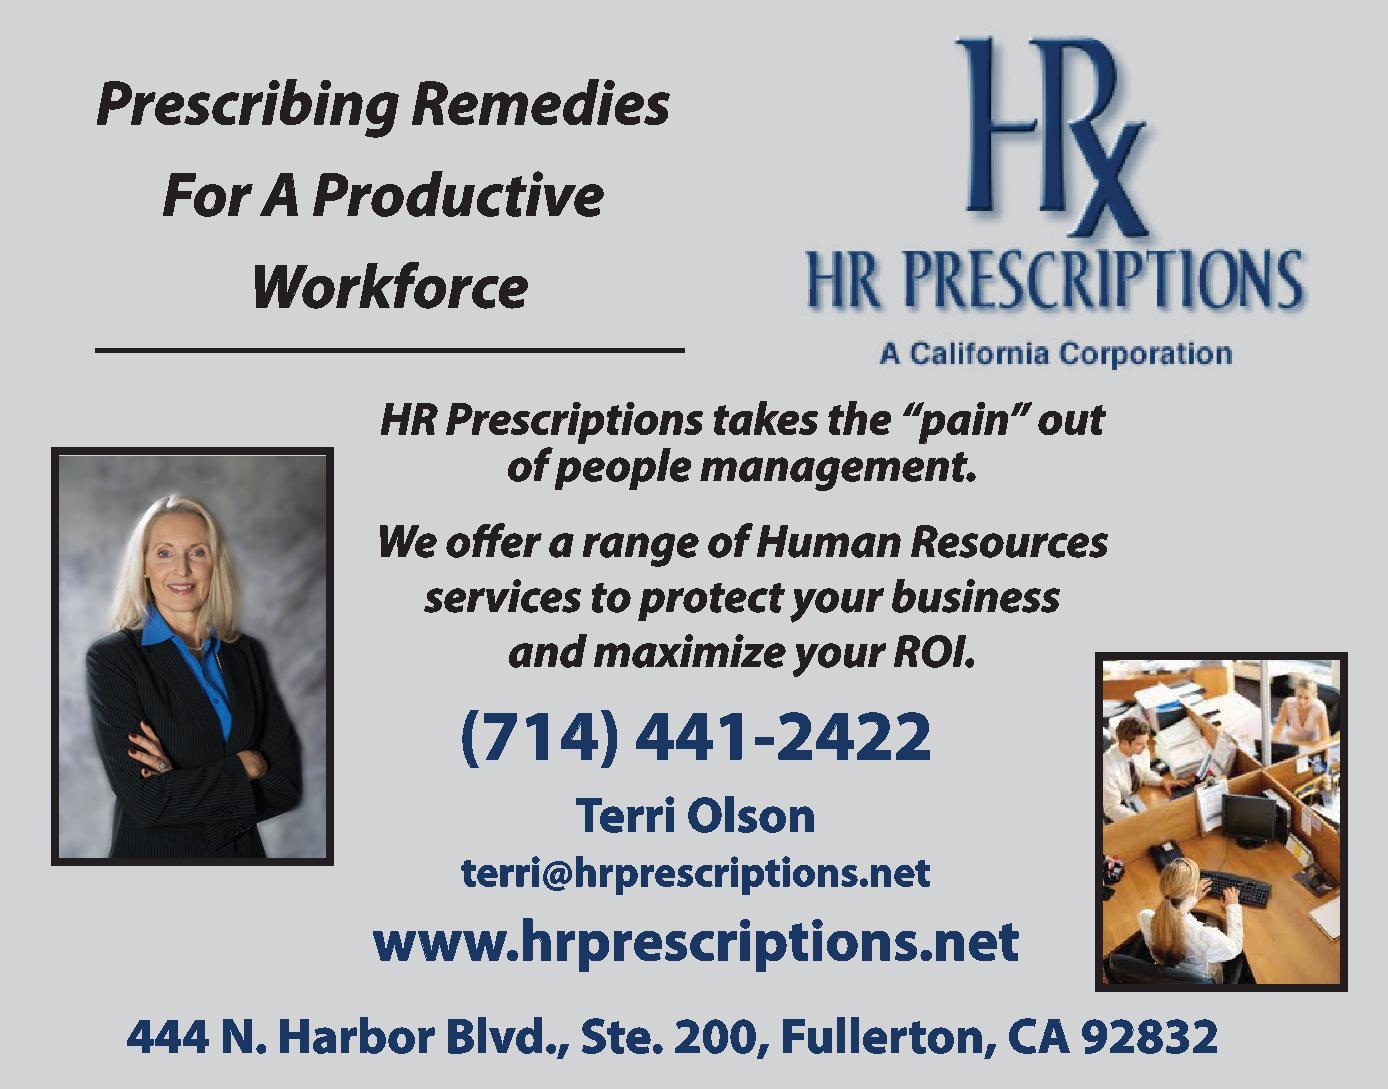 HR Prescriptions